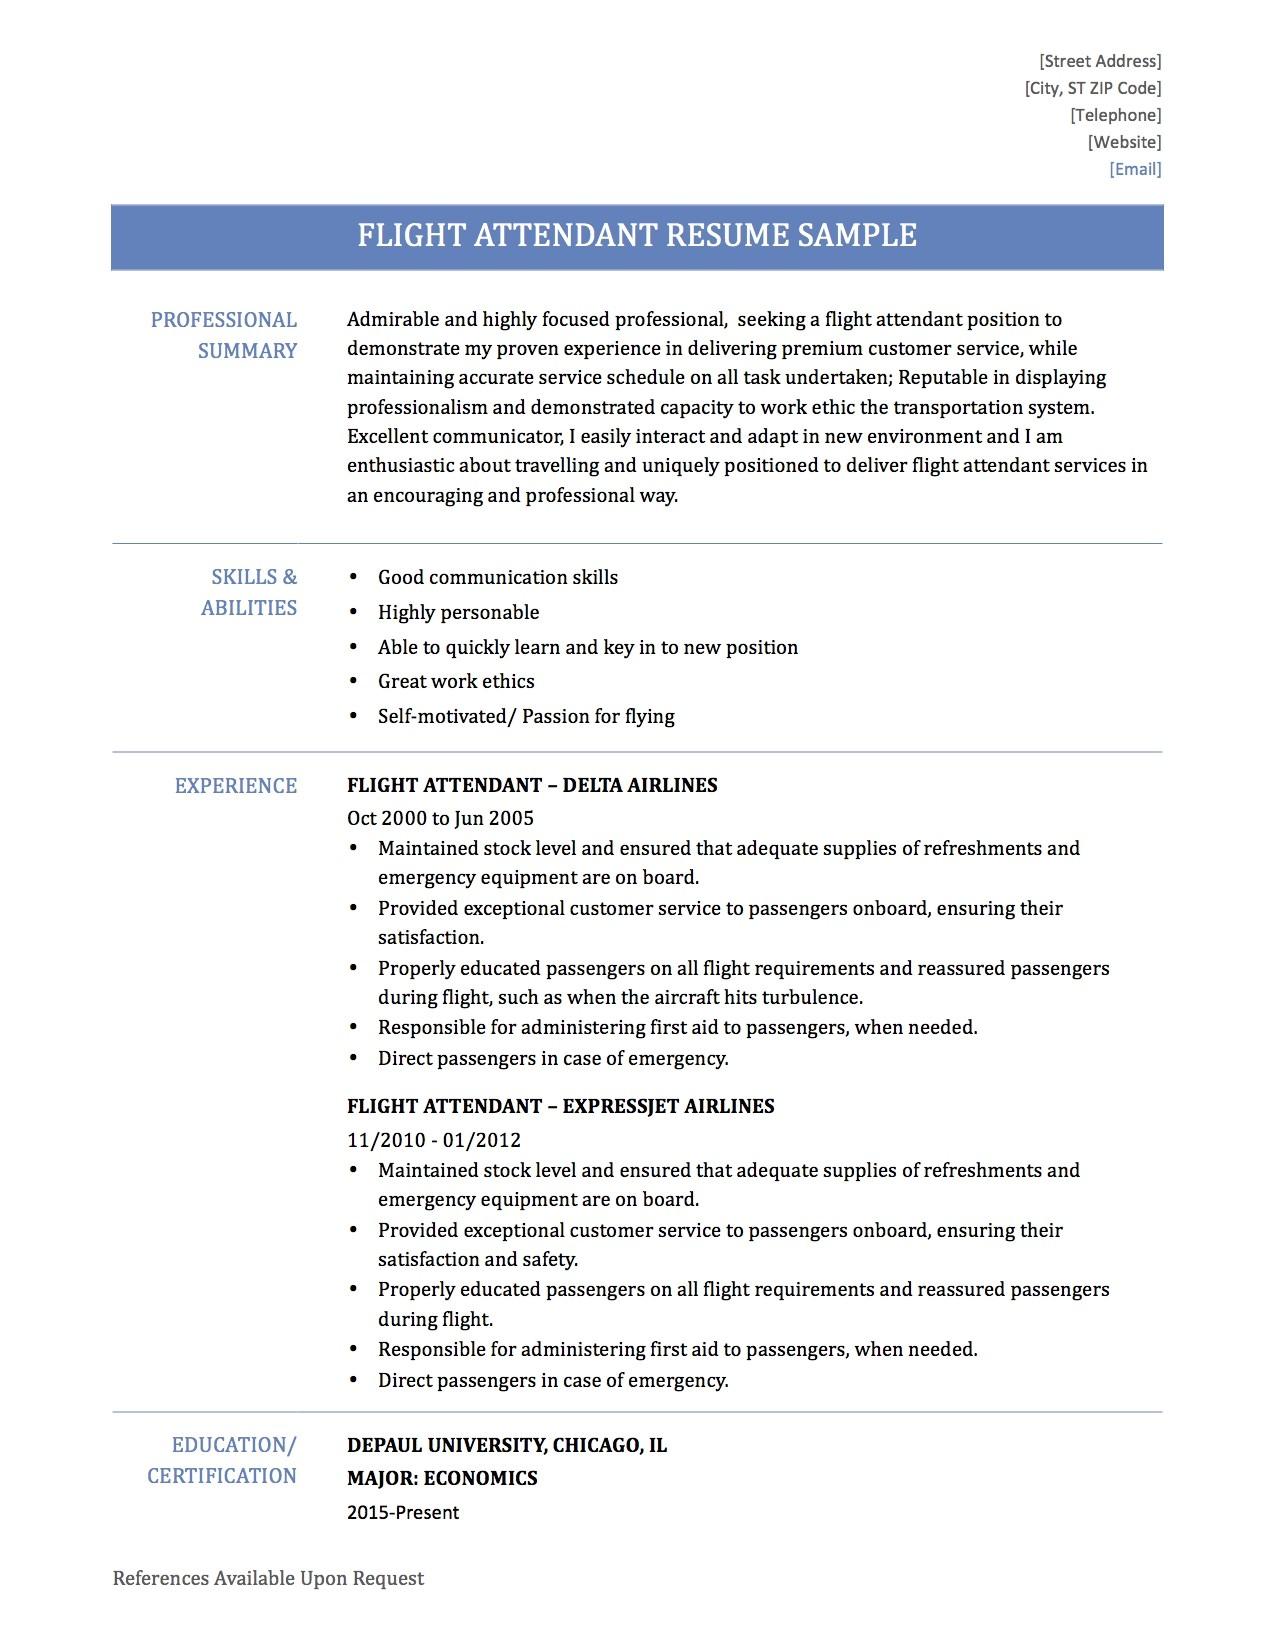 objective for flight attendant resume